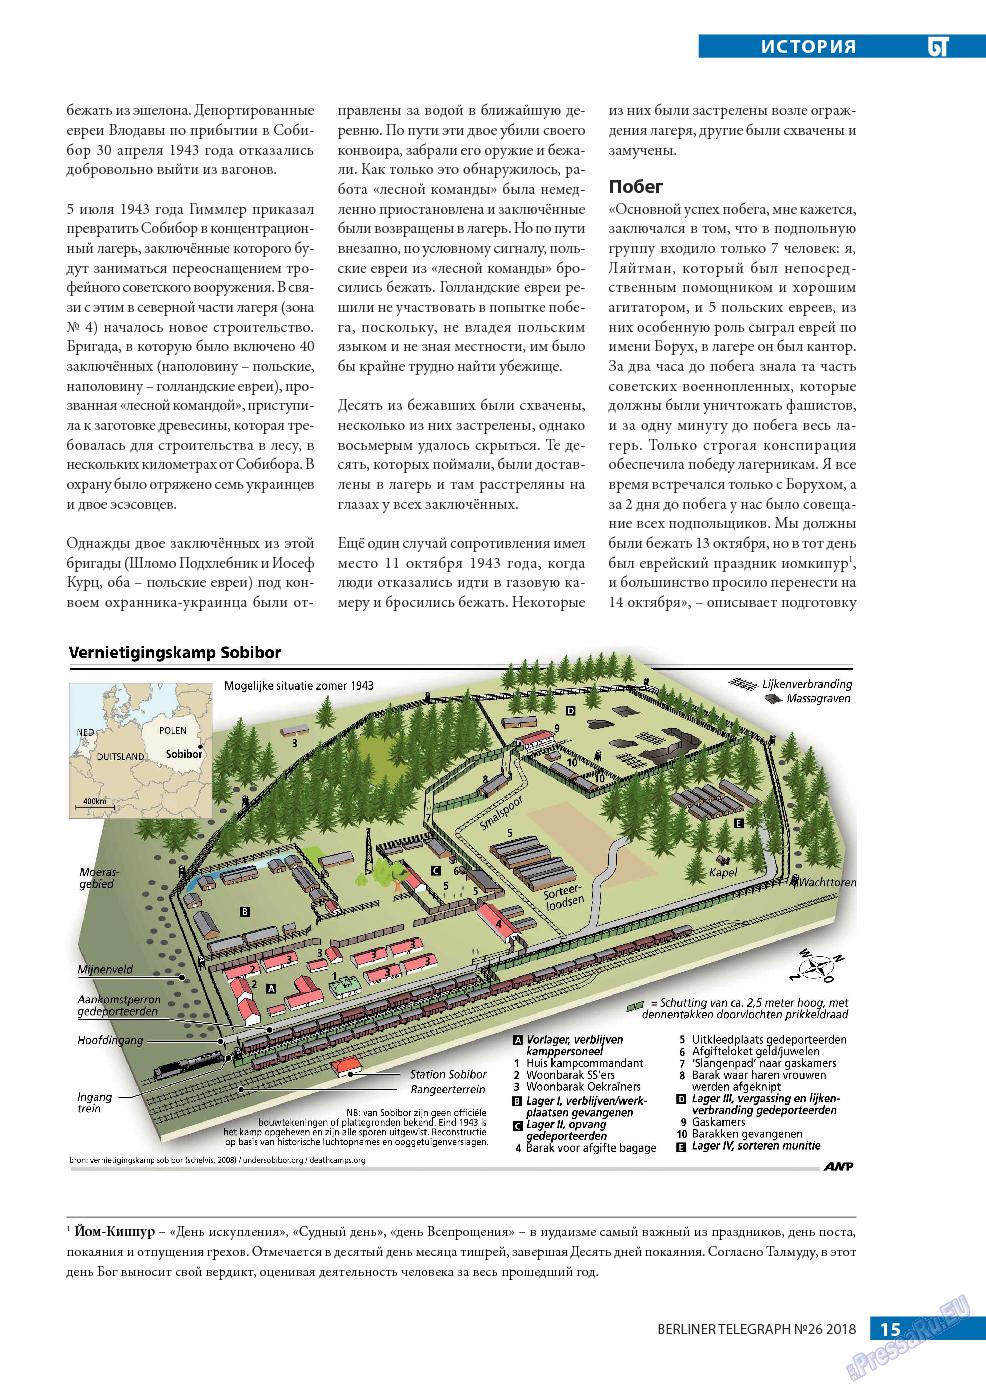 Берлинский телеграф (журнал). 2018 год, номер 26, стр. 15